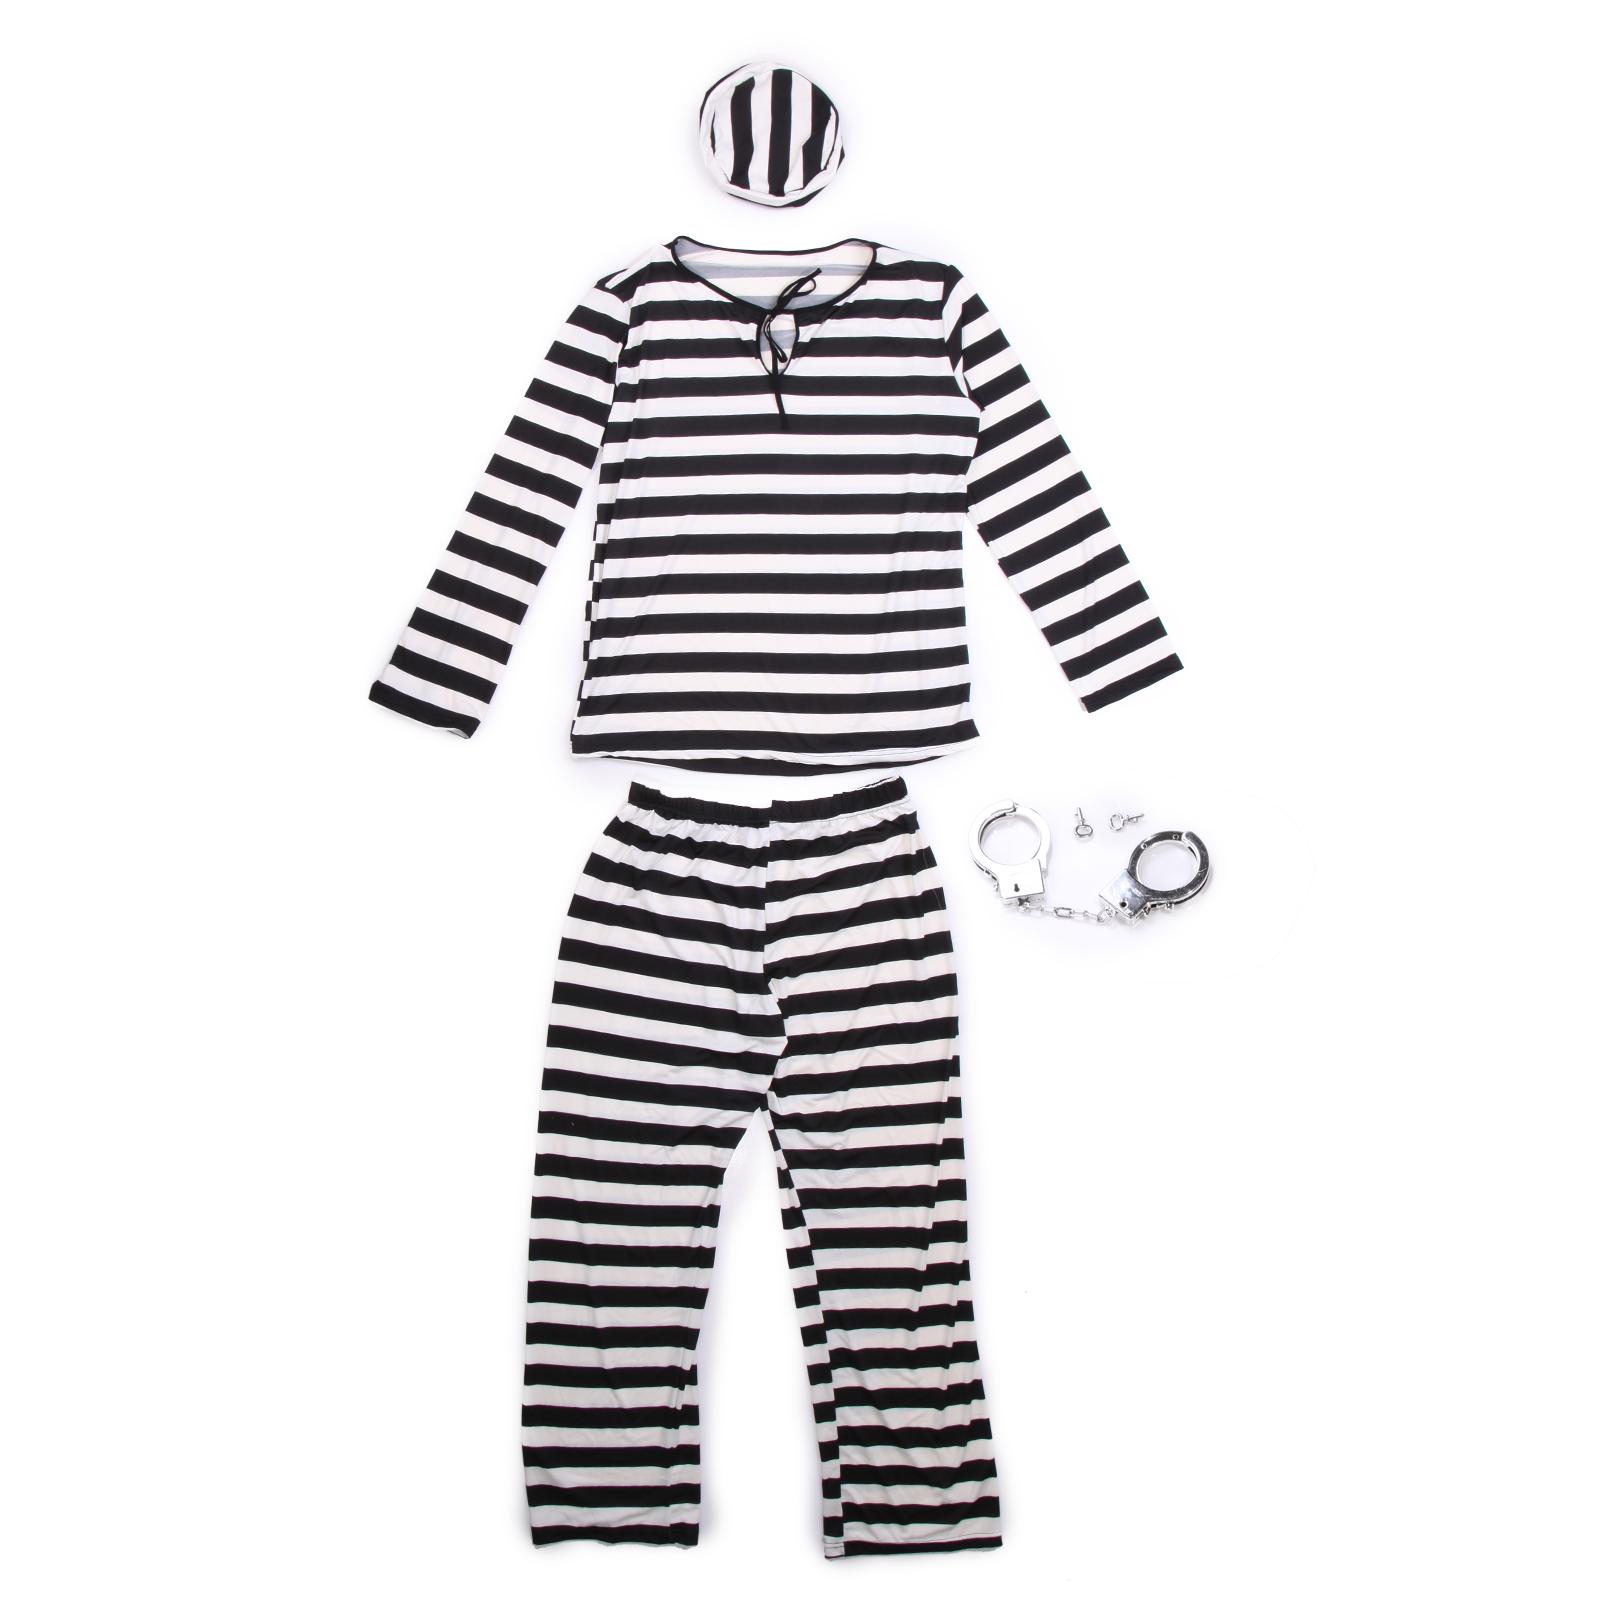 neue gefangene str fling kost m knasti gef ngnis prisoner outfit party halloween ebay. Black Bedroom Furniture Sets. Home Design Ideas